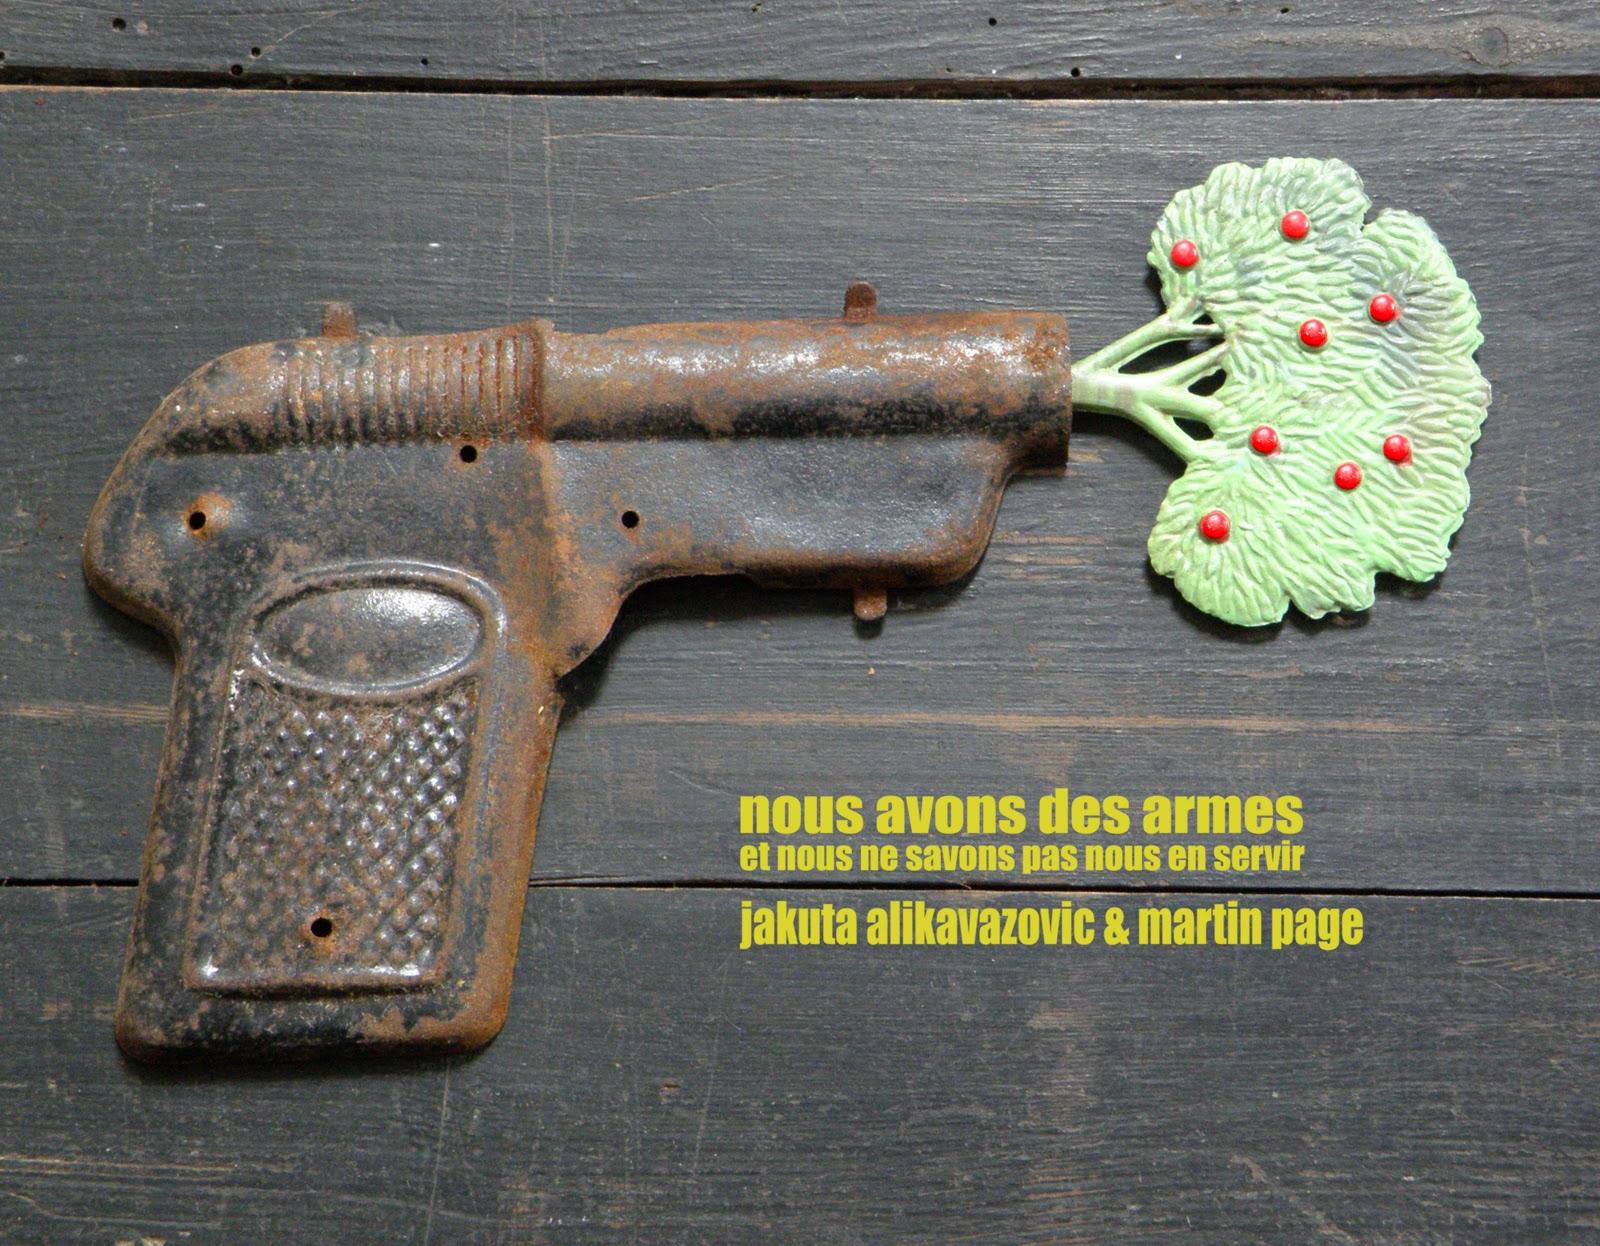 Nous avons des armes et nous ne savons pas nous en servir